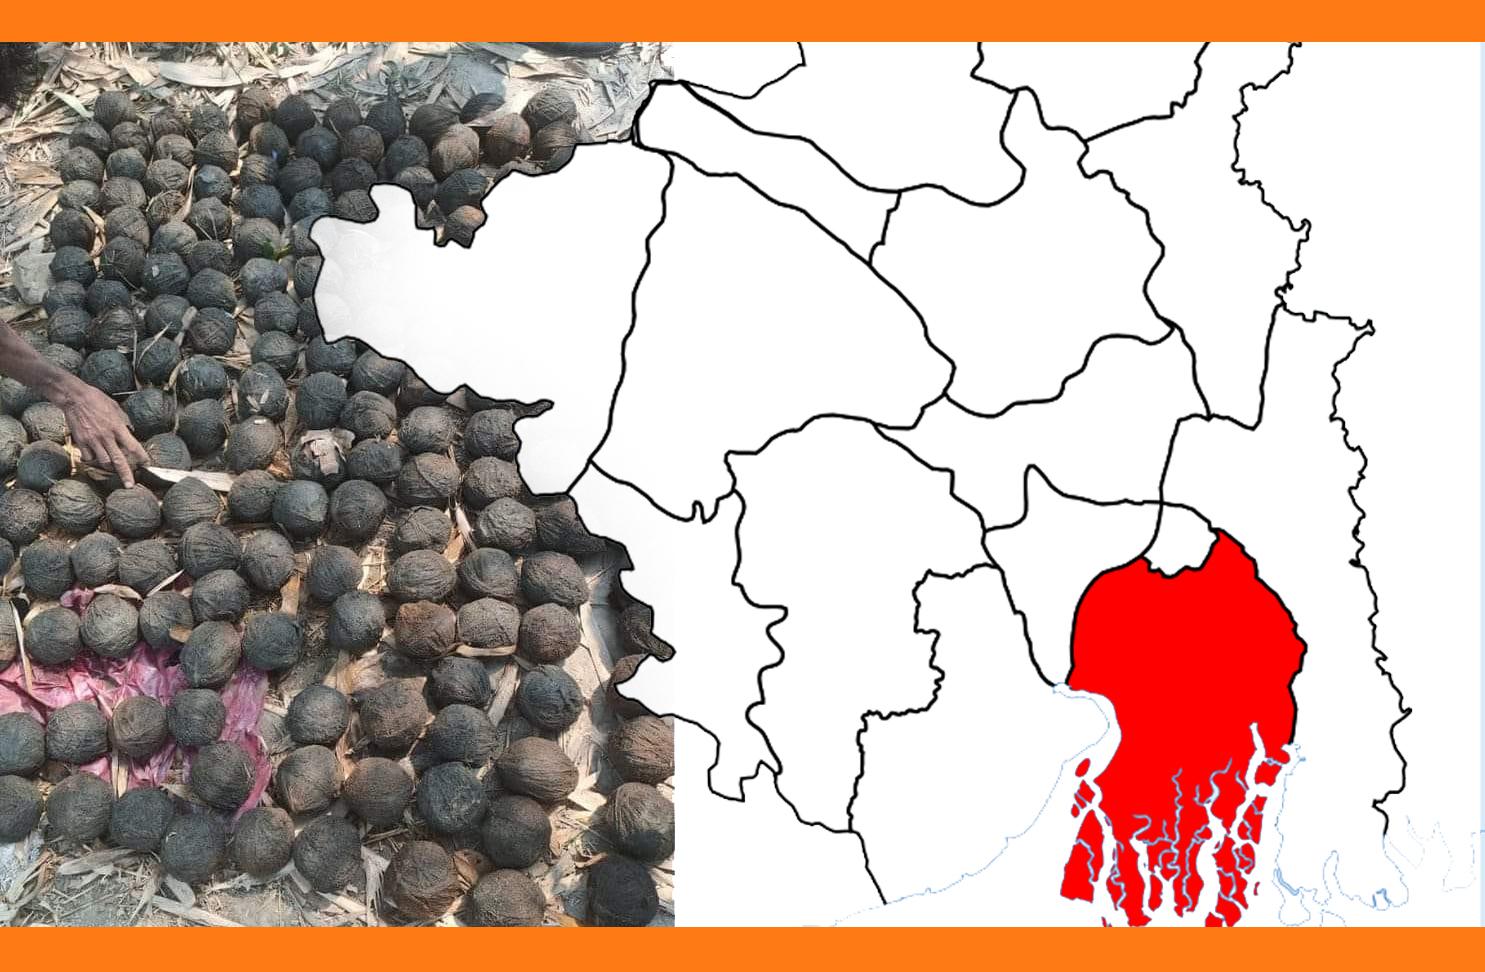 ২০০টি বোমা মিললো ভাঙর থেকে, এলাকাজুড়ে চাঞ্চল্য